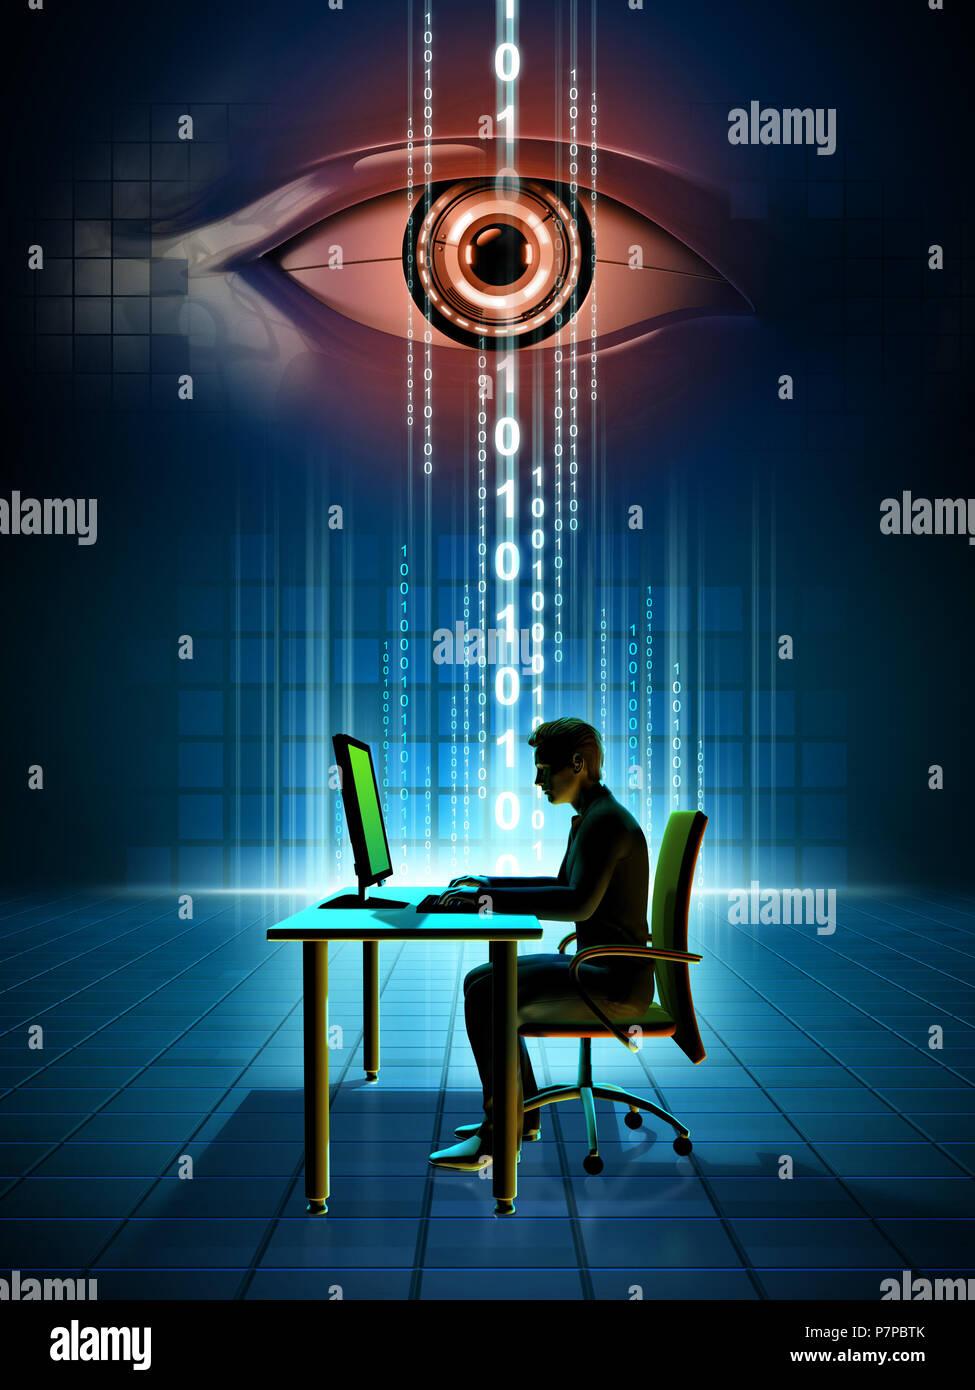 Monitoreo de datos online. Ilustración Digital. Imagen De Stock